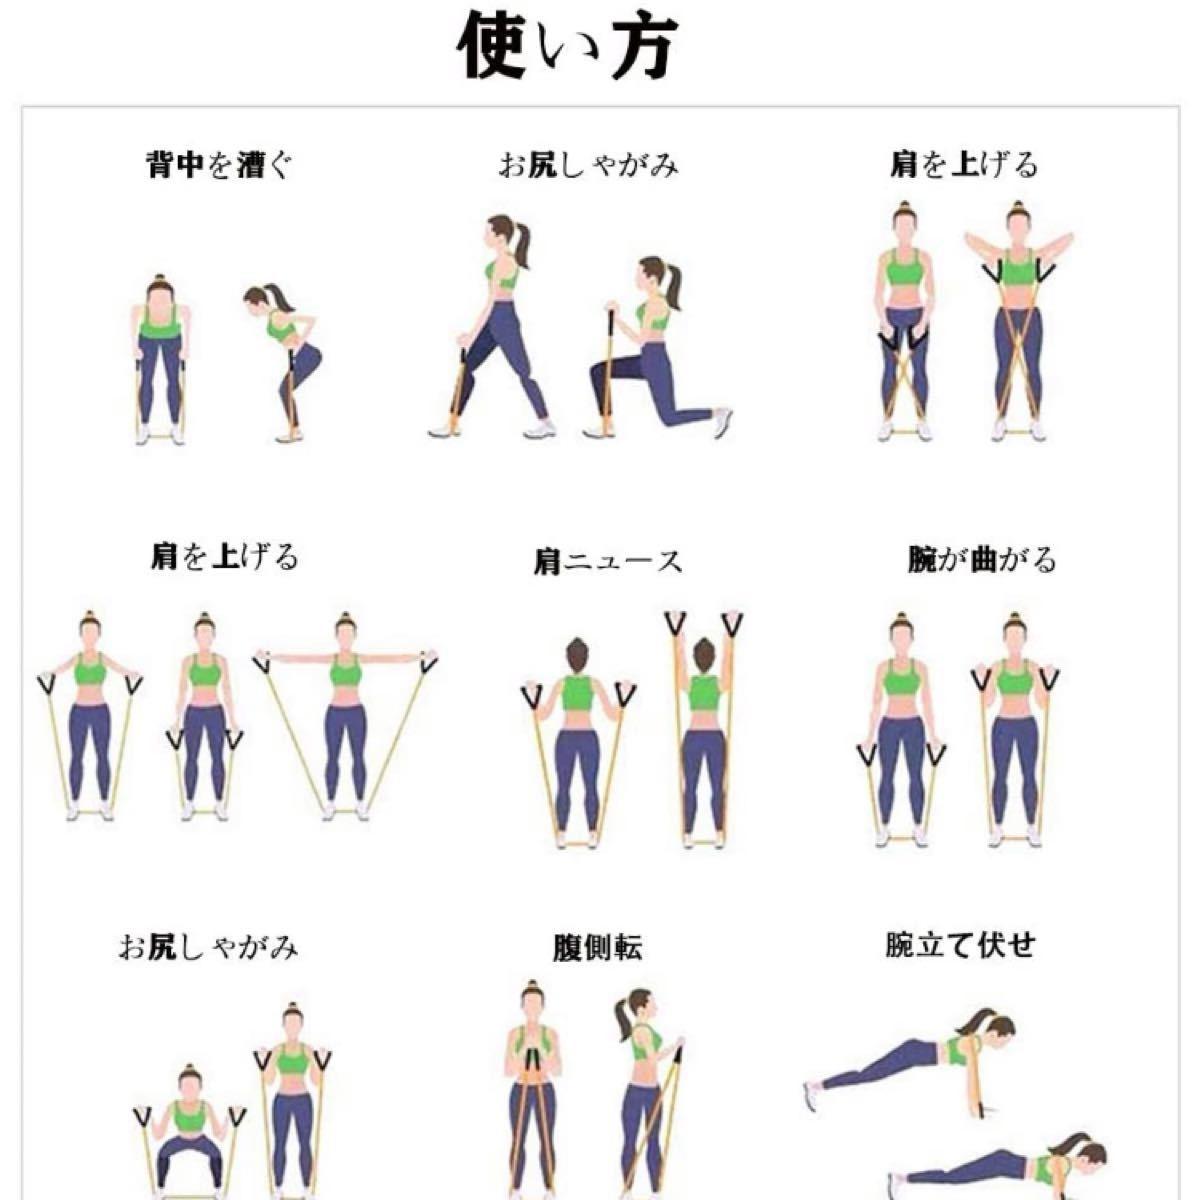 トレーニングチューブ チューブ ゴムチューブ 筋トレ チューブ 負荷トレーニング